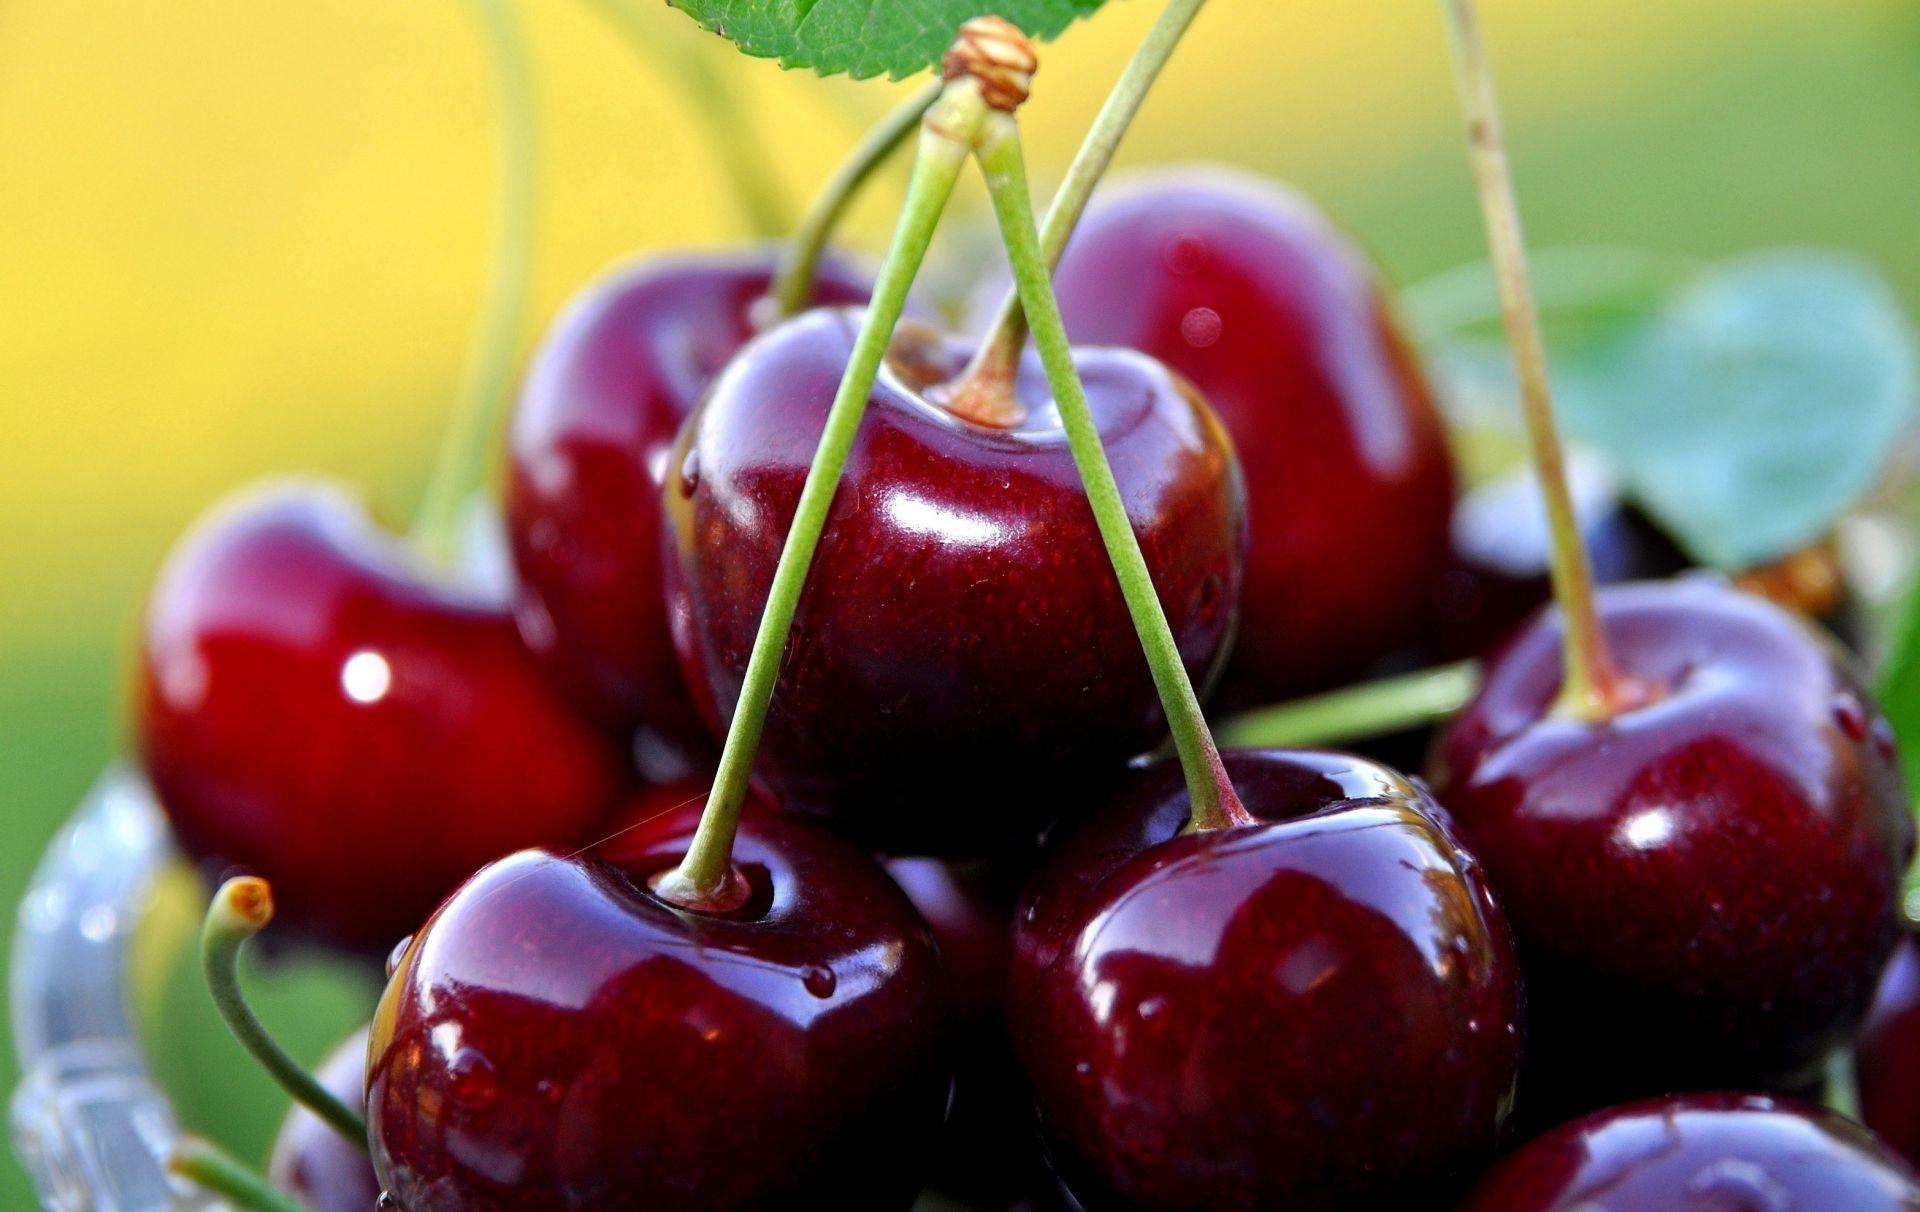 Фрукты ягоды обои на рабочий стол 1